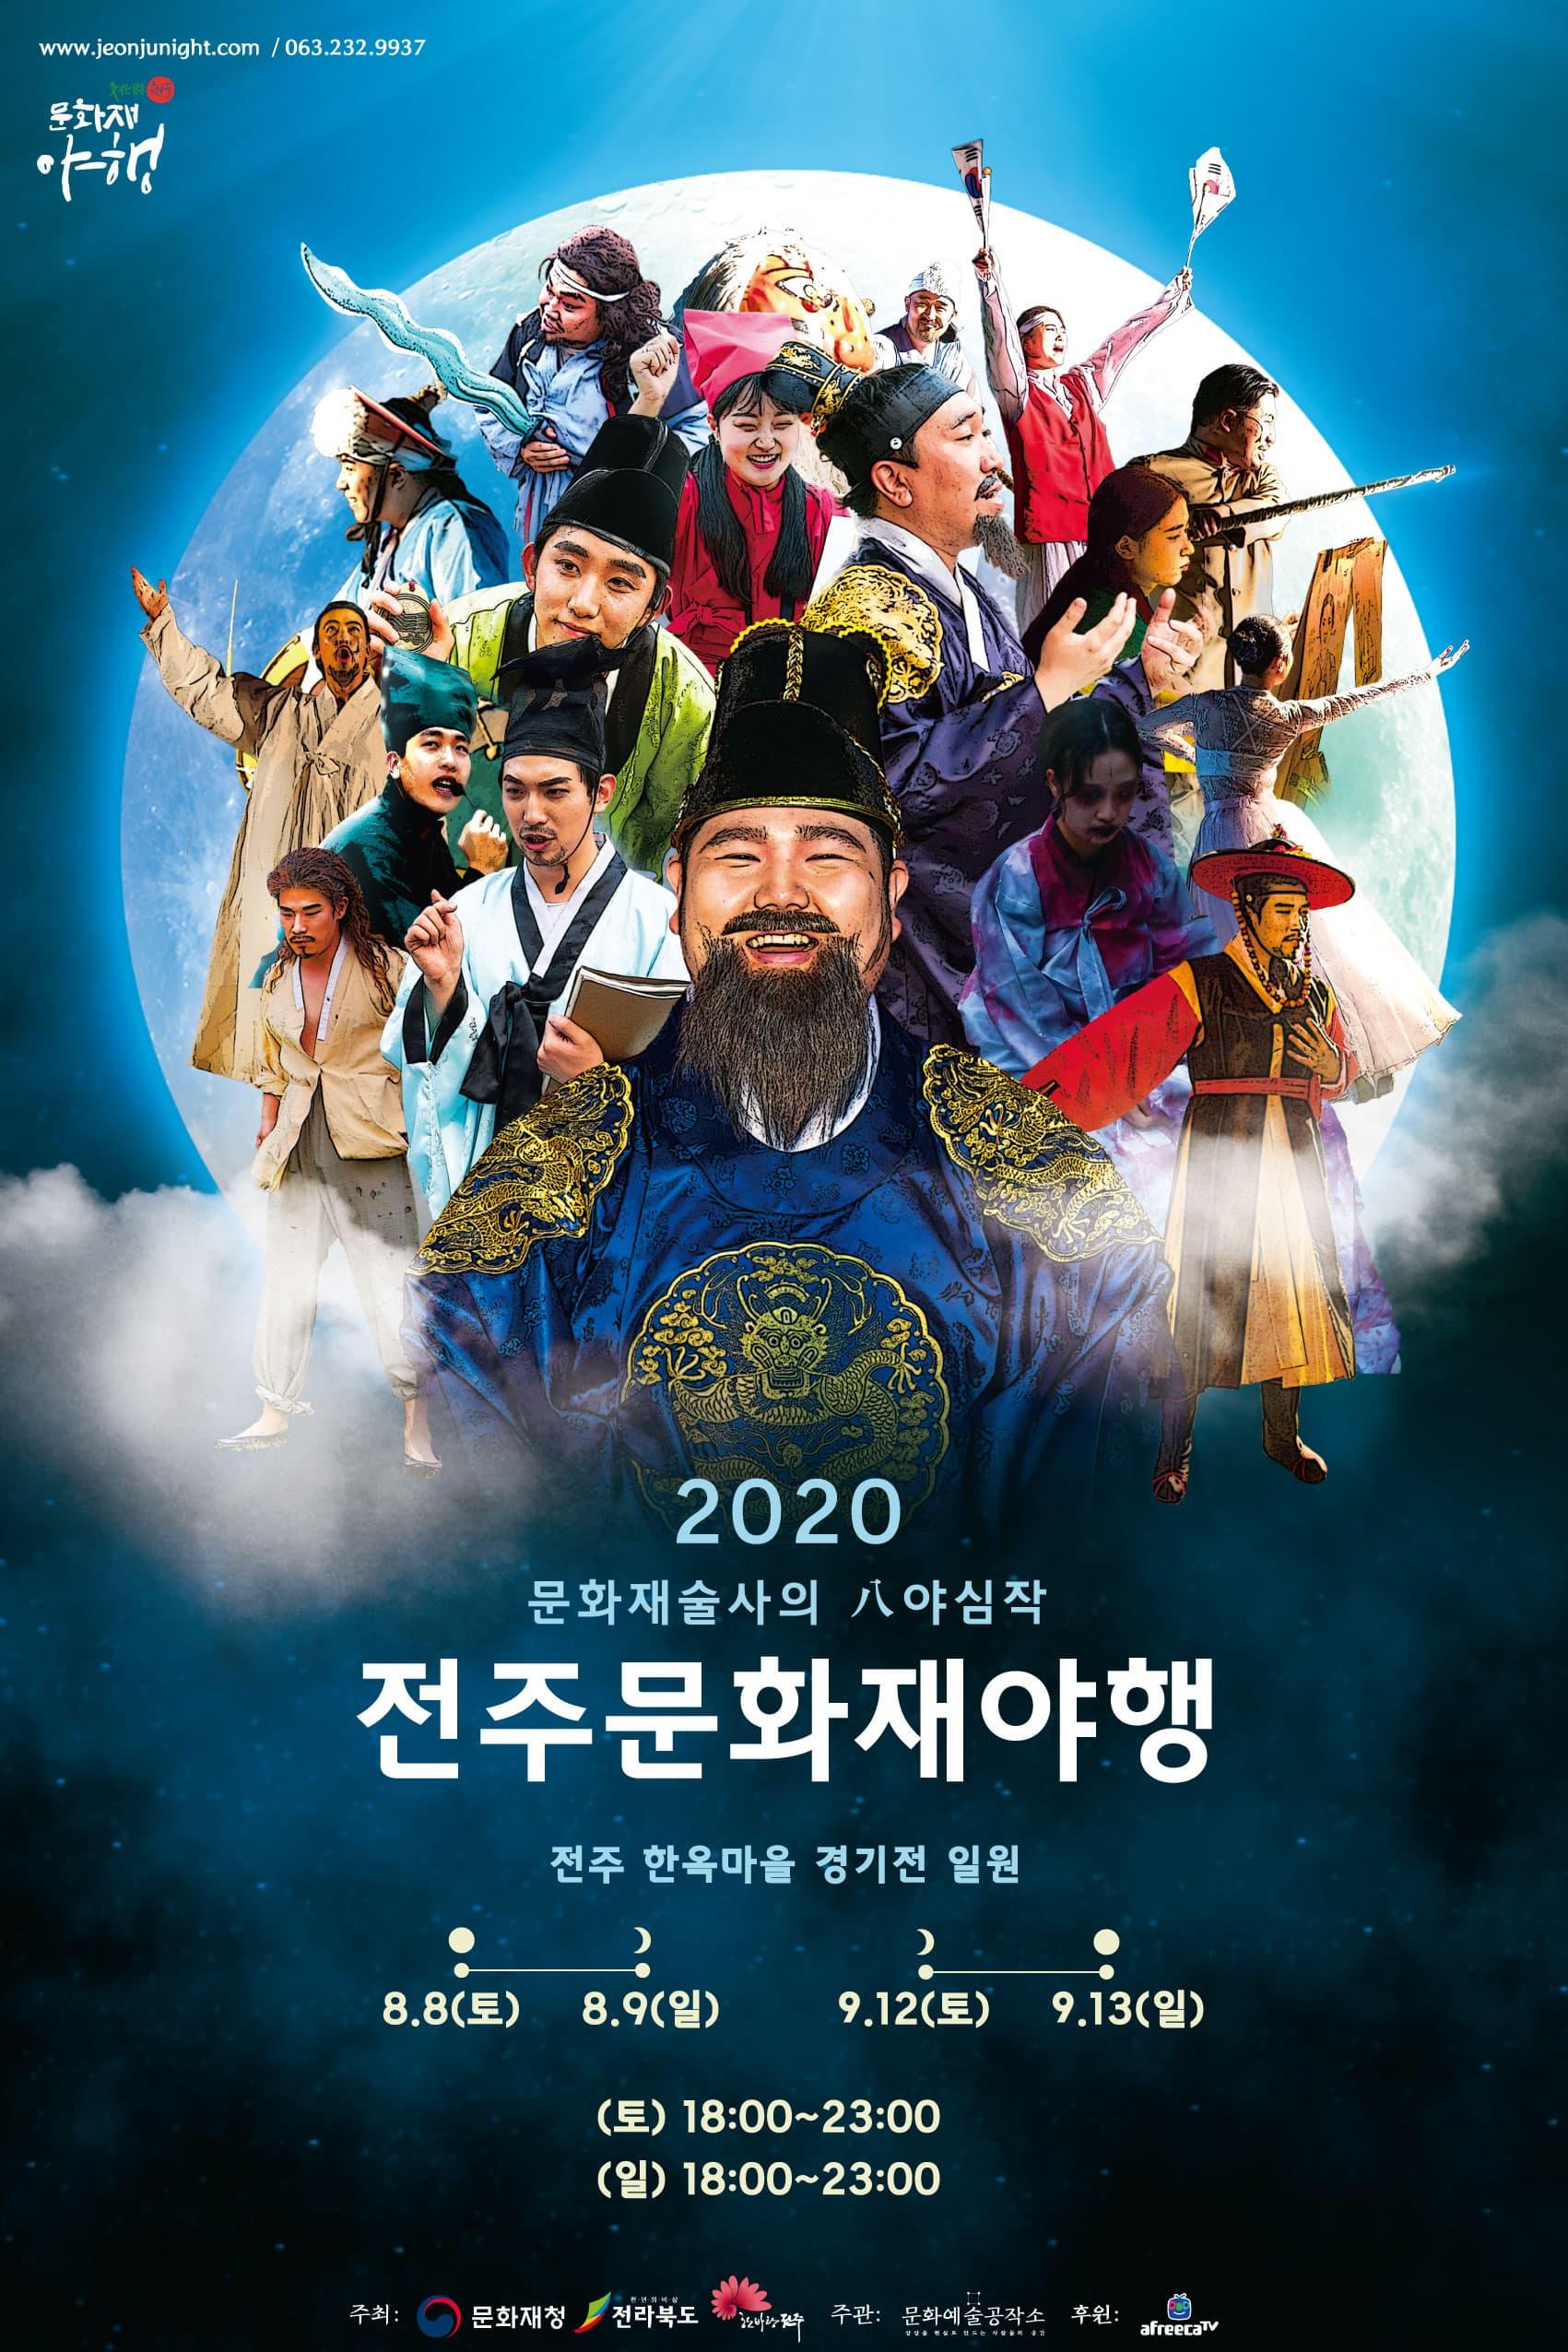 2020전주문화재야행